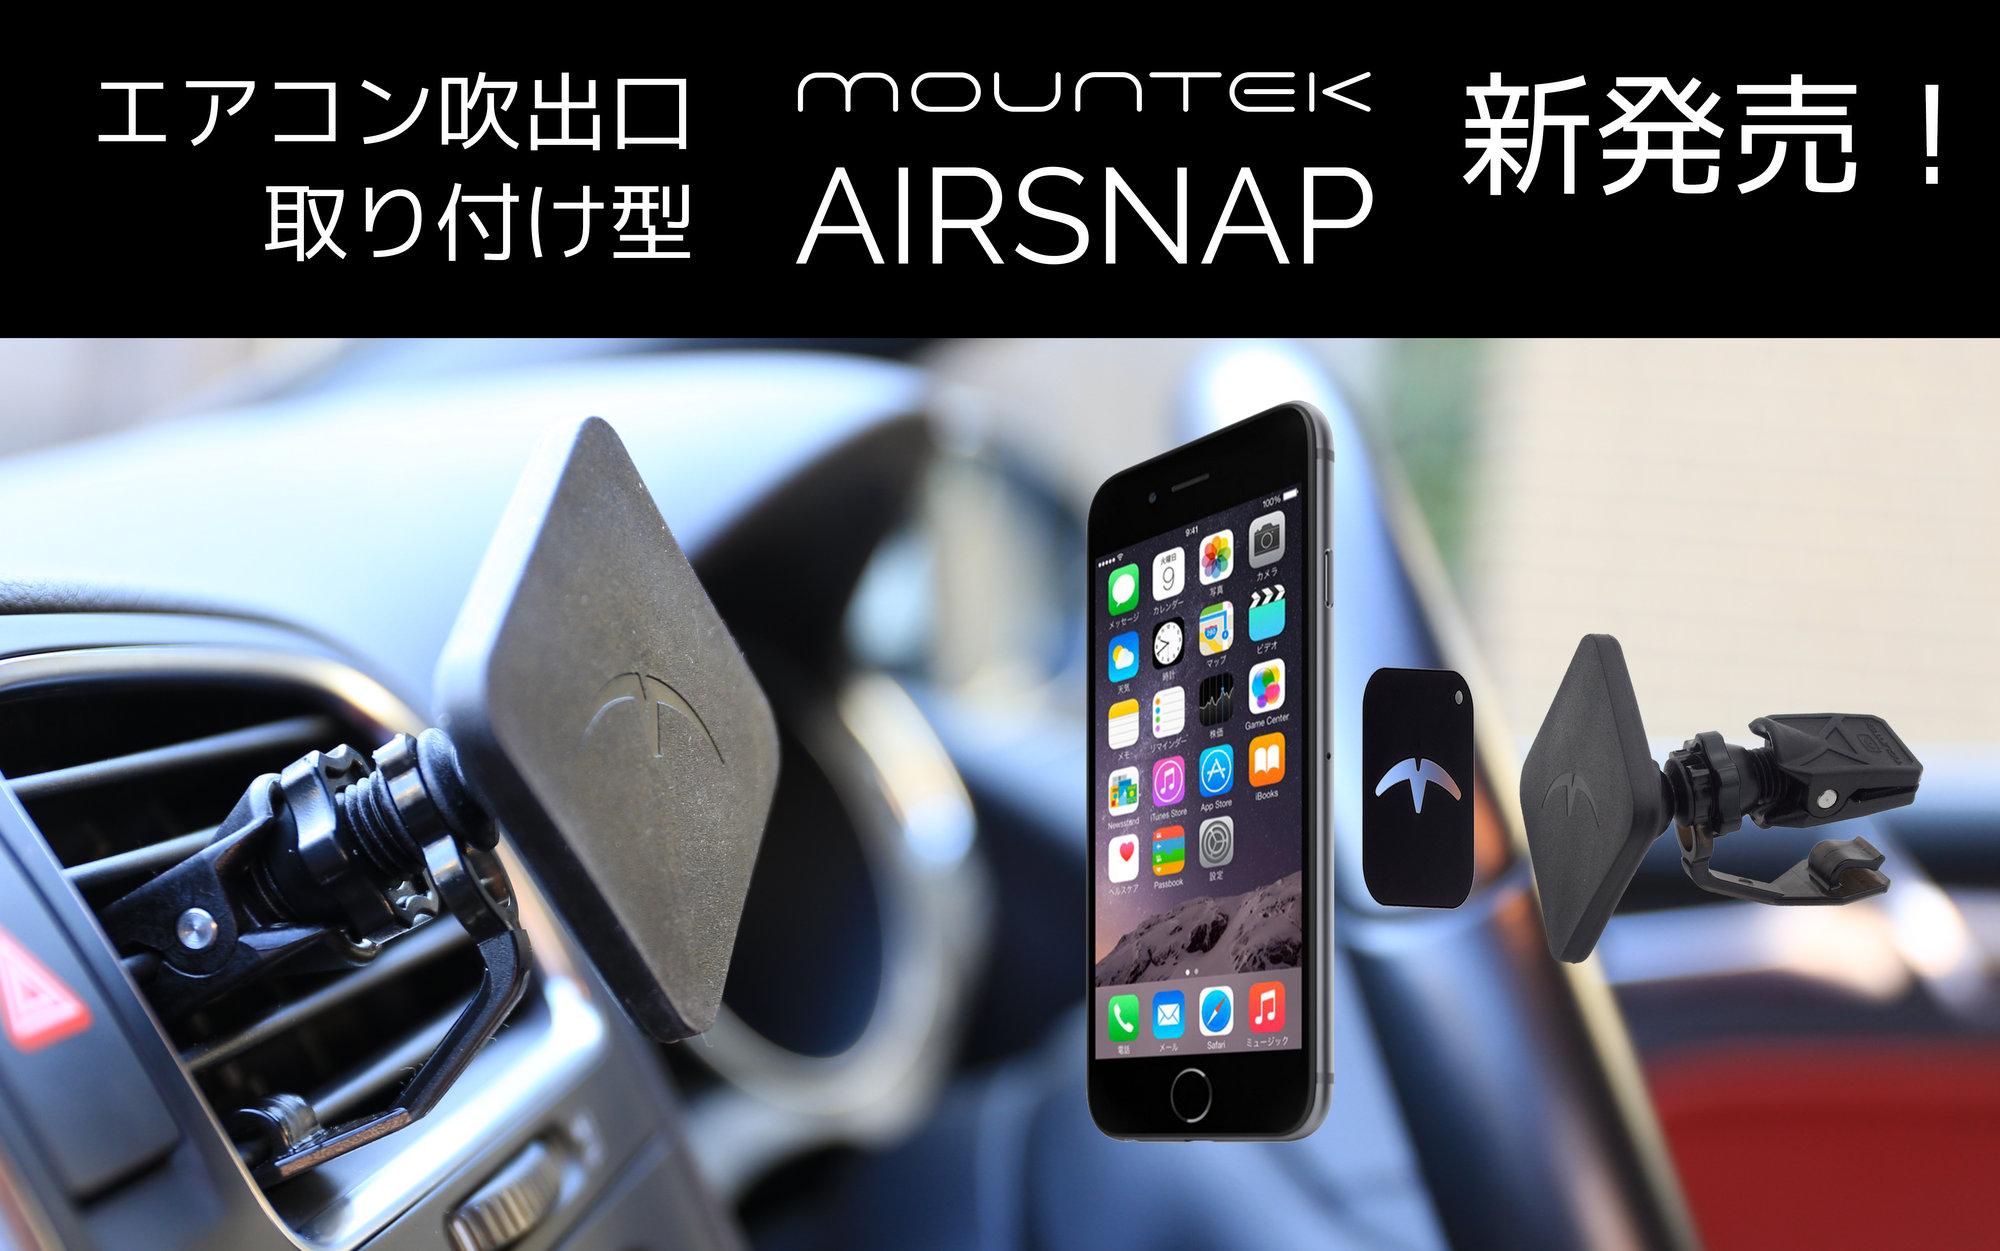 Mountek AIRSNAP